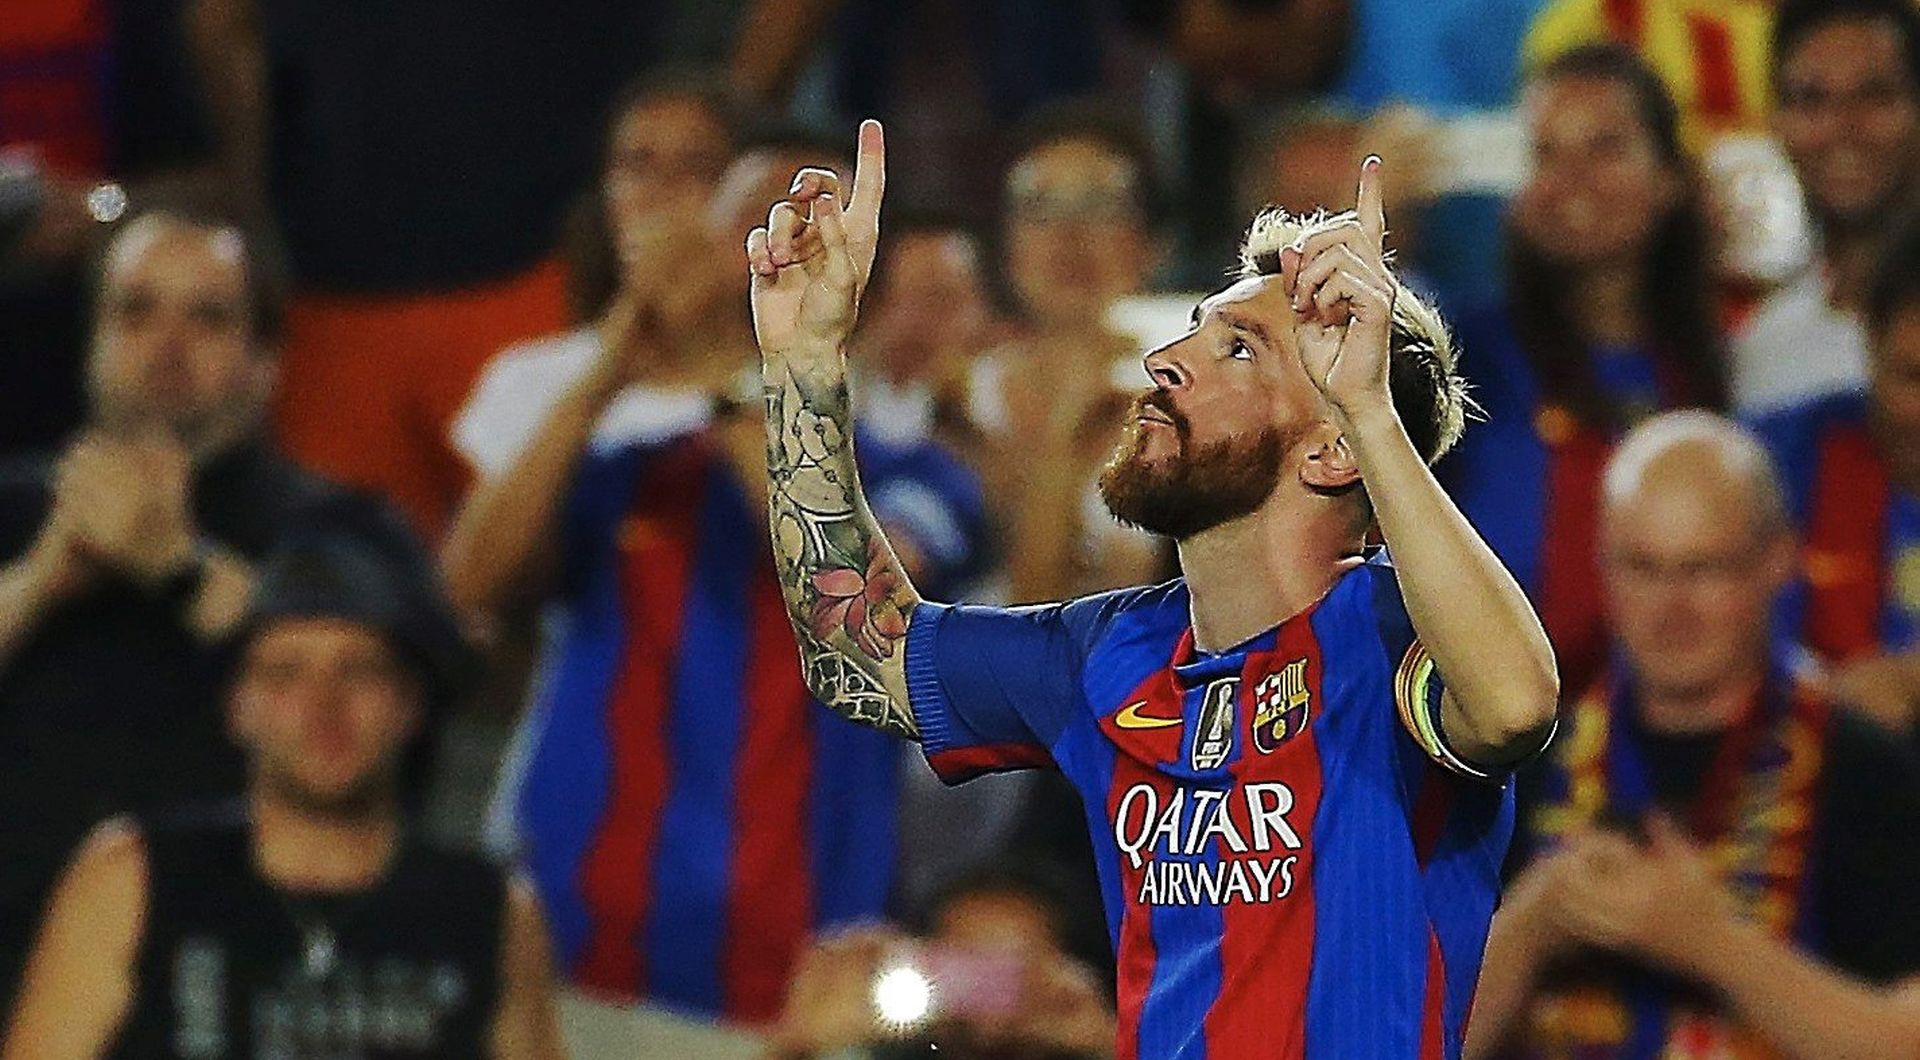 Liga prvaka: Barcelonin šou u režiji Neymara i Messija